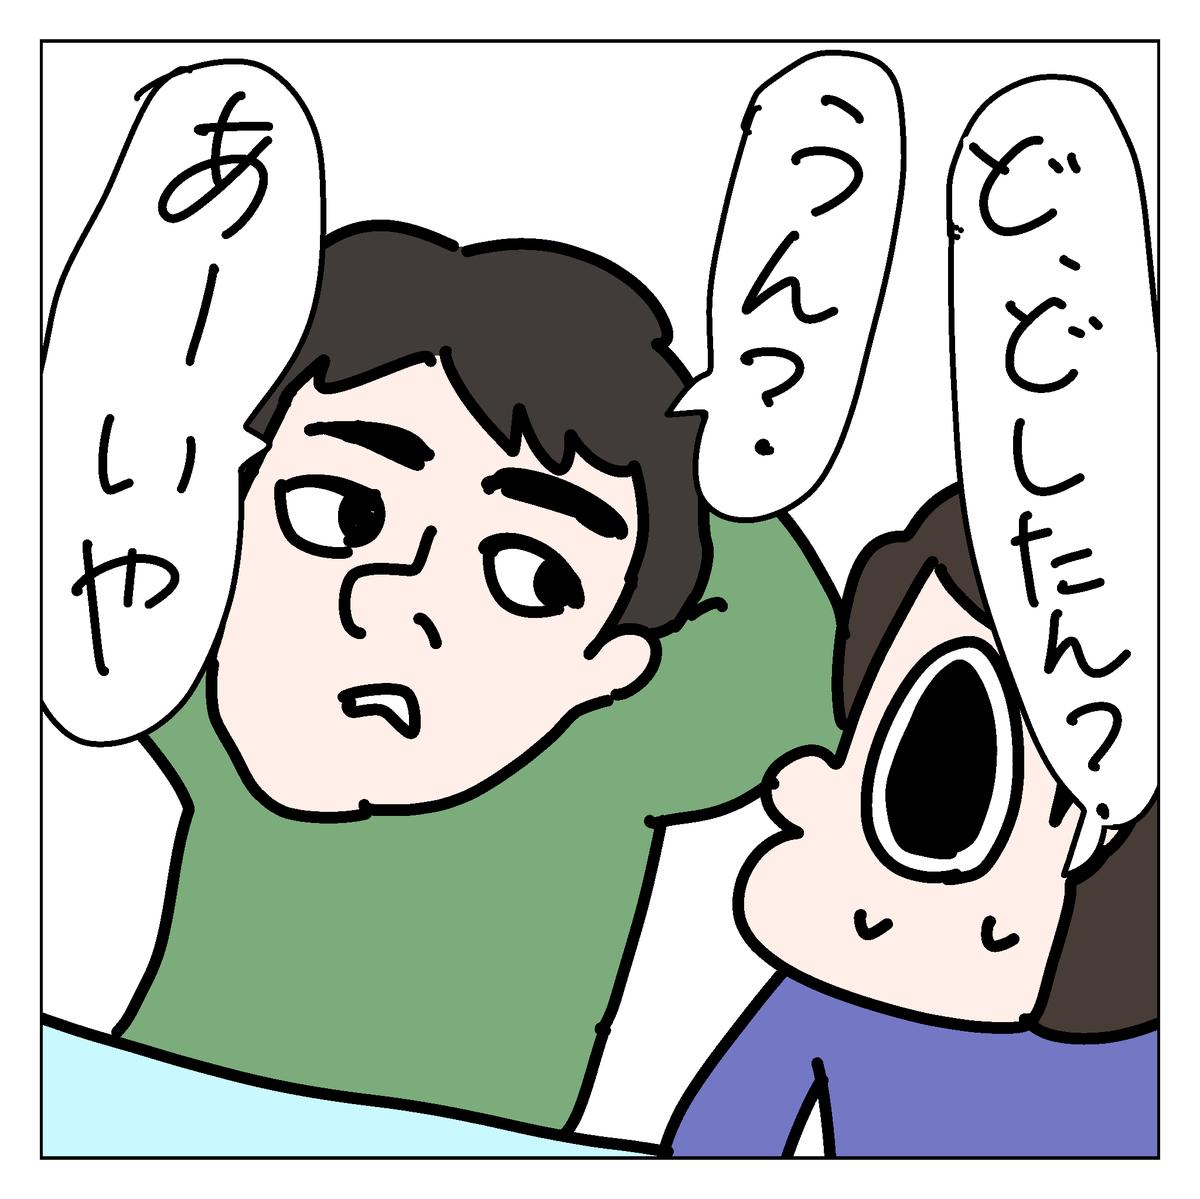 f:id:YuruFuwaTa:20200507102429p:plain